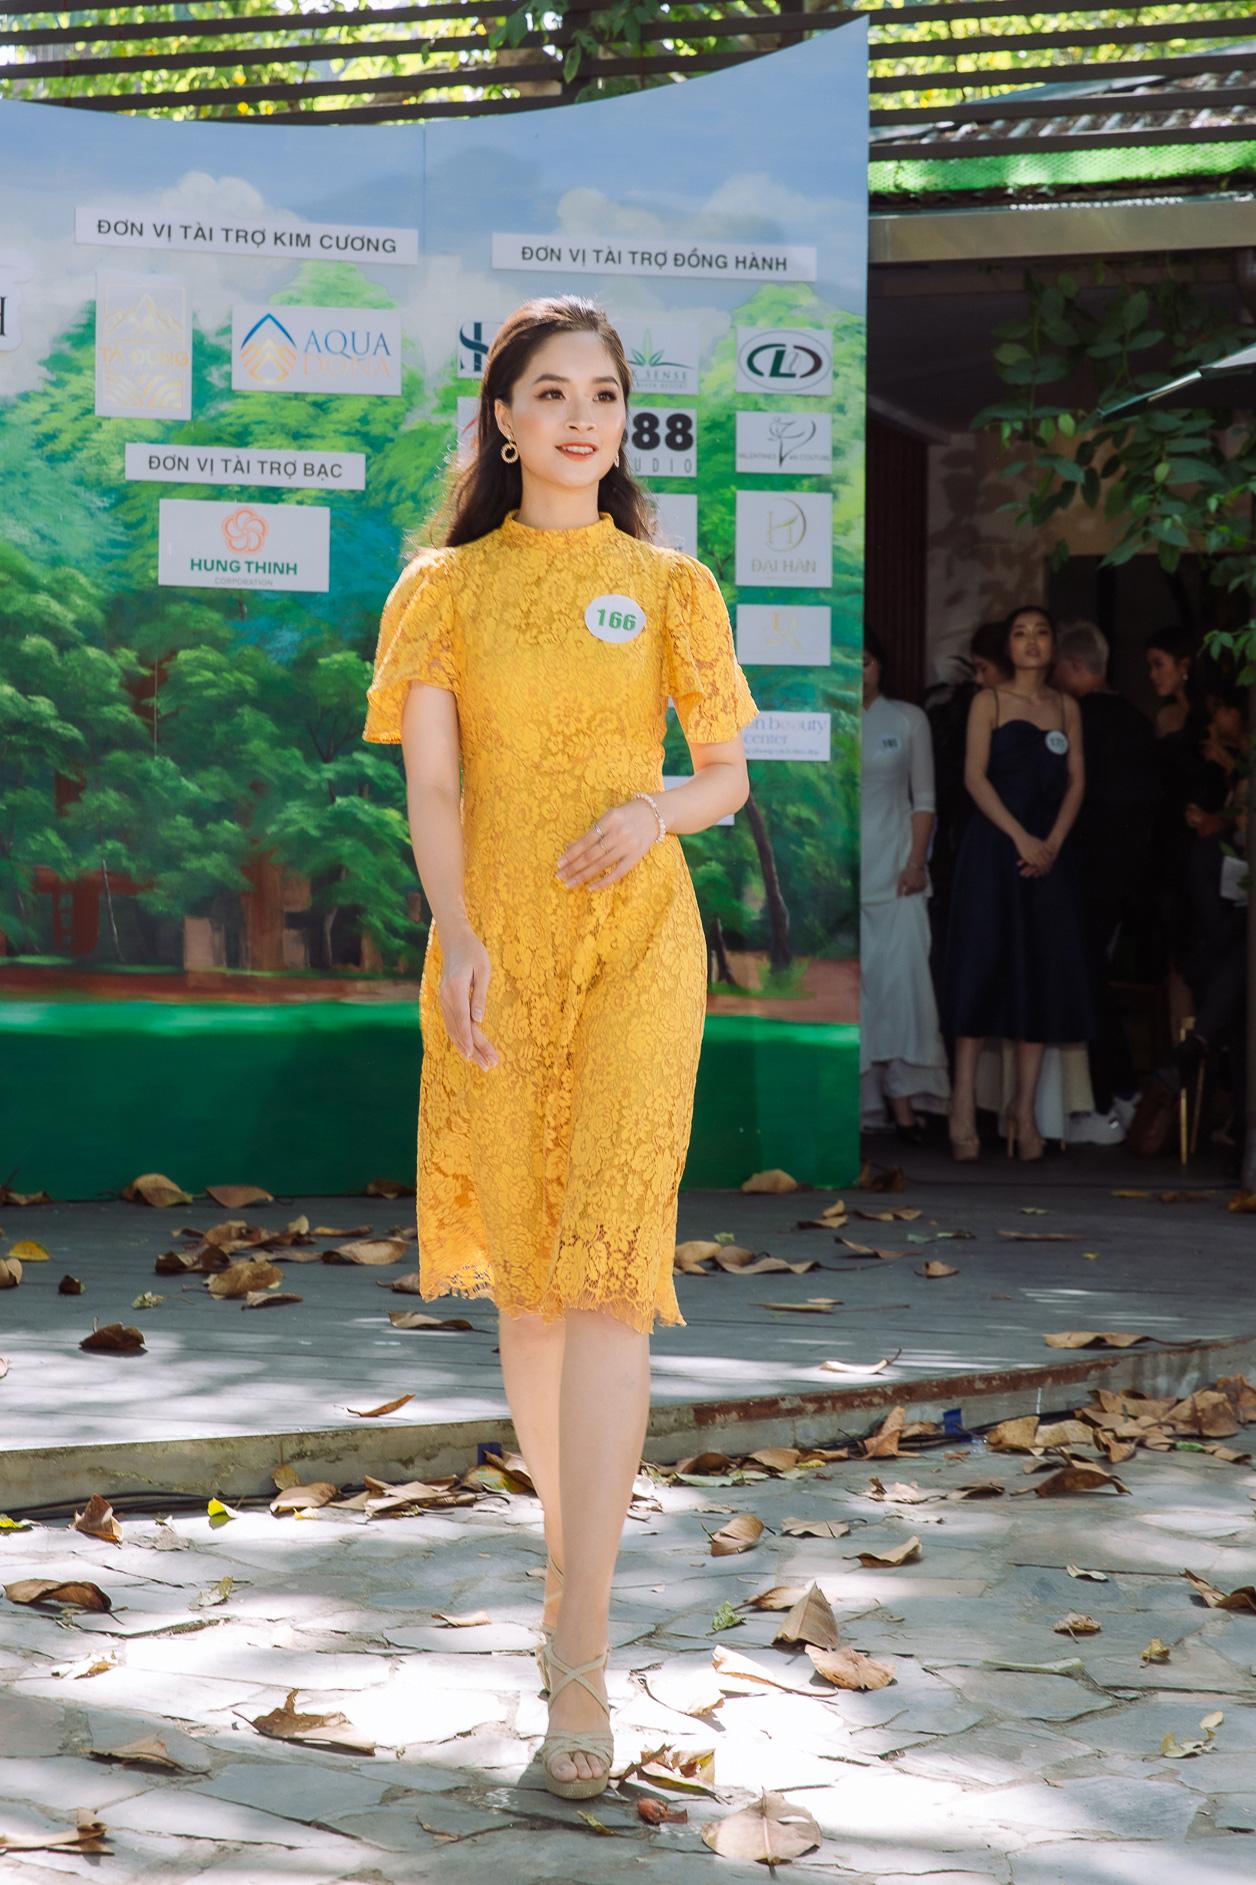 Hoa hậu Khánh Ngân và Ngọc Hân cùng làm ban giám khảo Miss Tourism Vietnam 2020 - Ảnh 4.